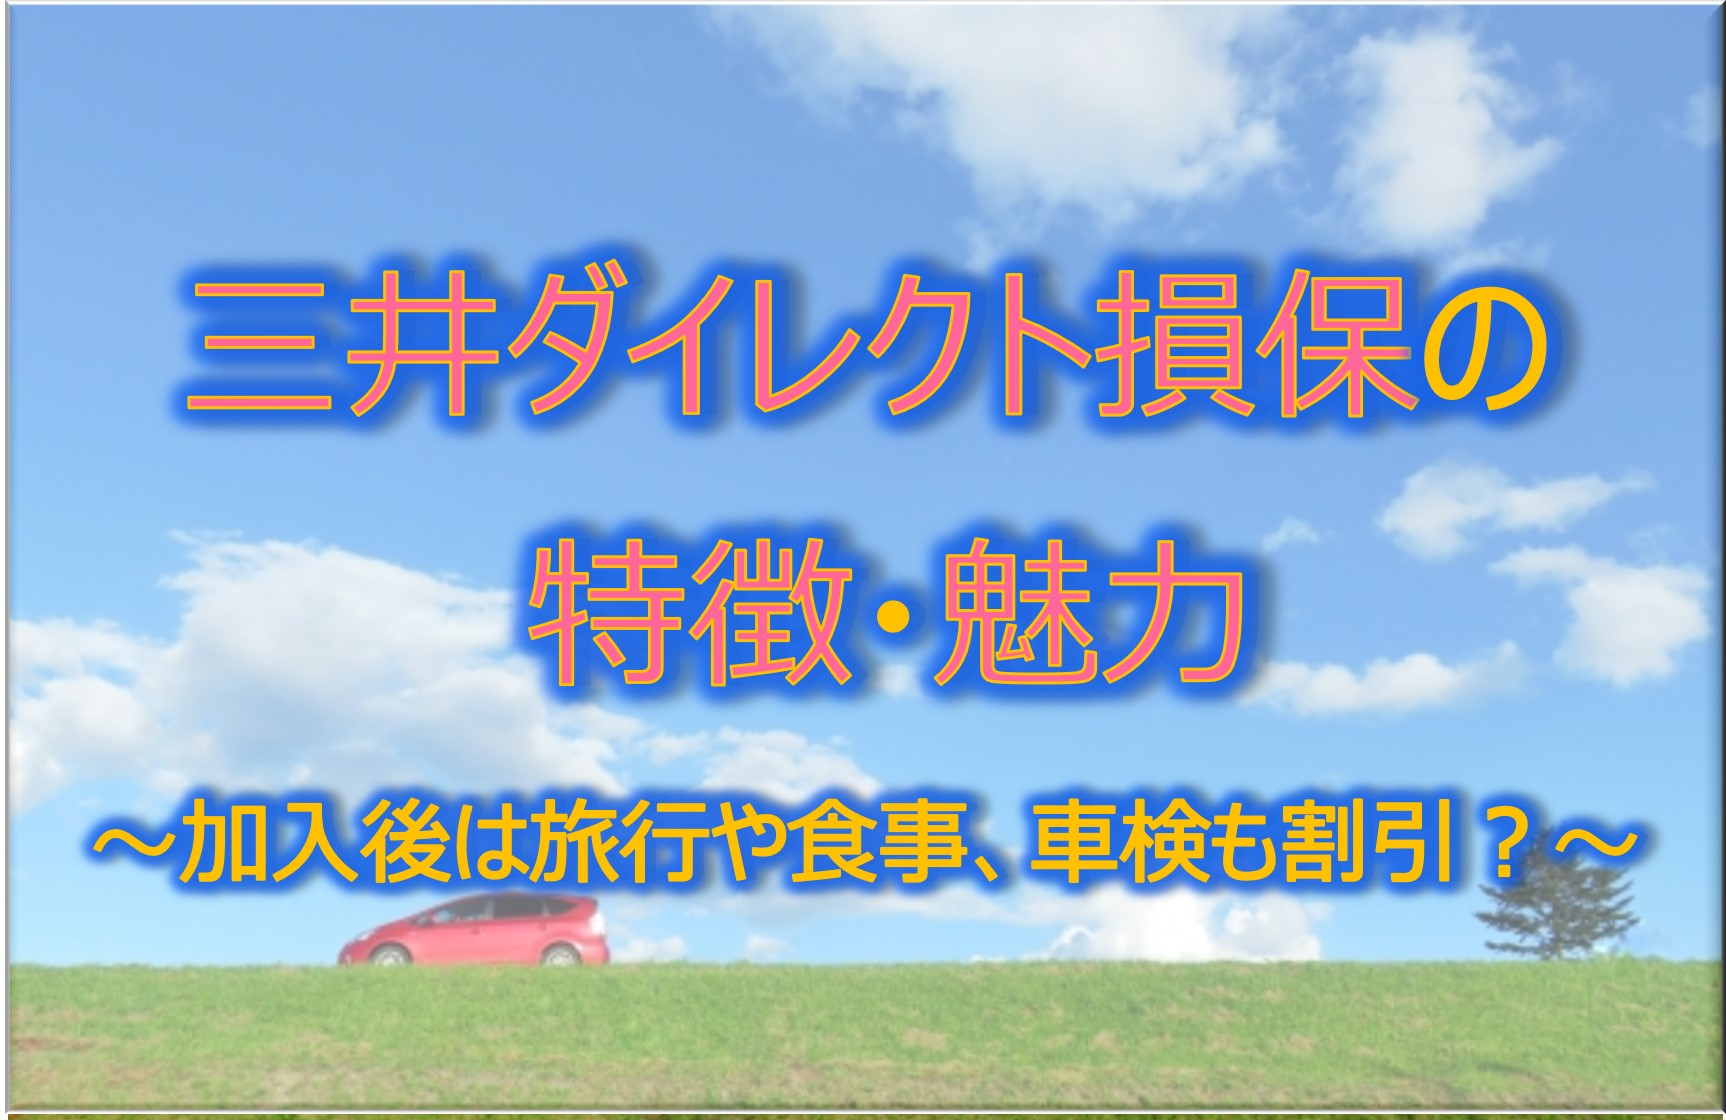 三井ダイレクト損保